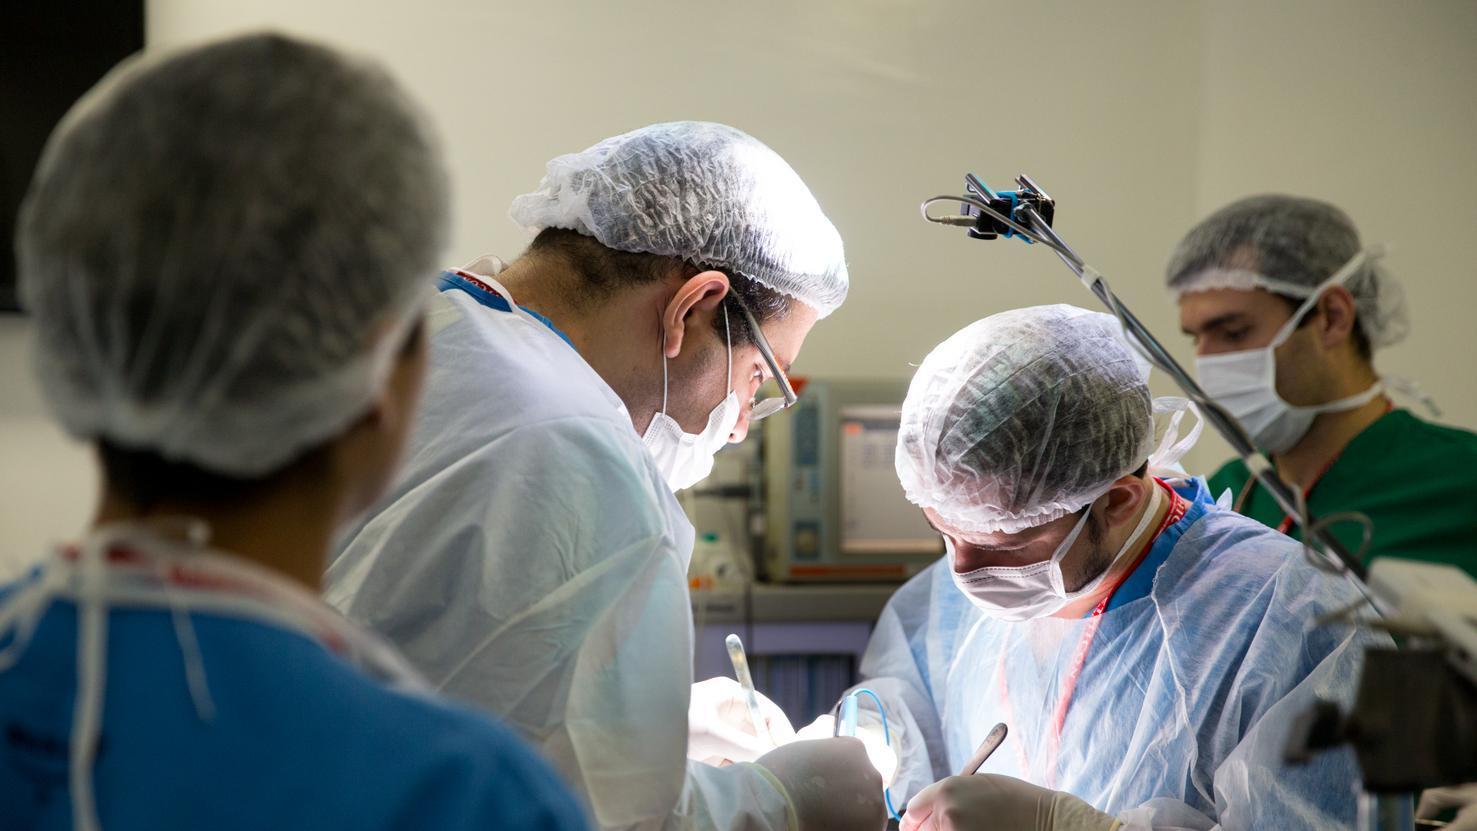 Referência no Ceará, Cariri tem redução de 80% na captação de córneas durante pandemia FOTO FERNANDA SIEBRA